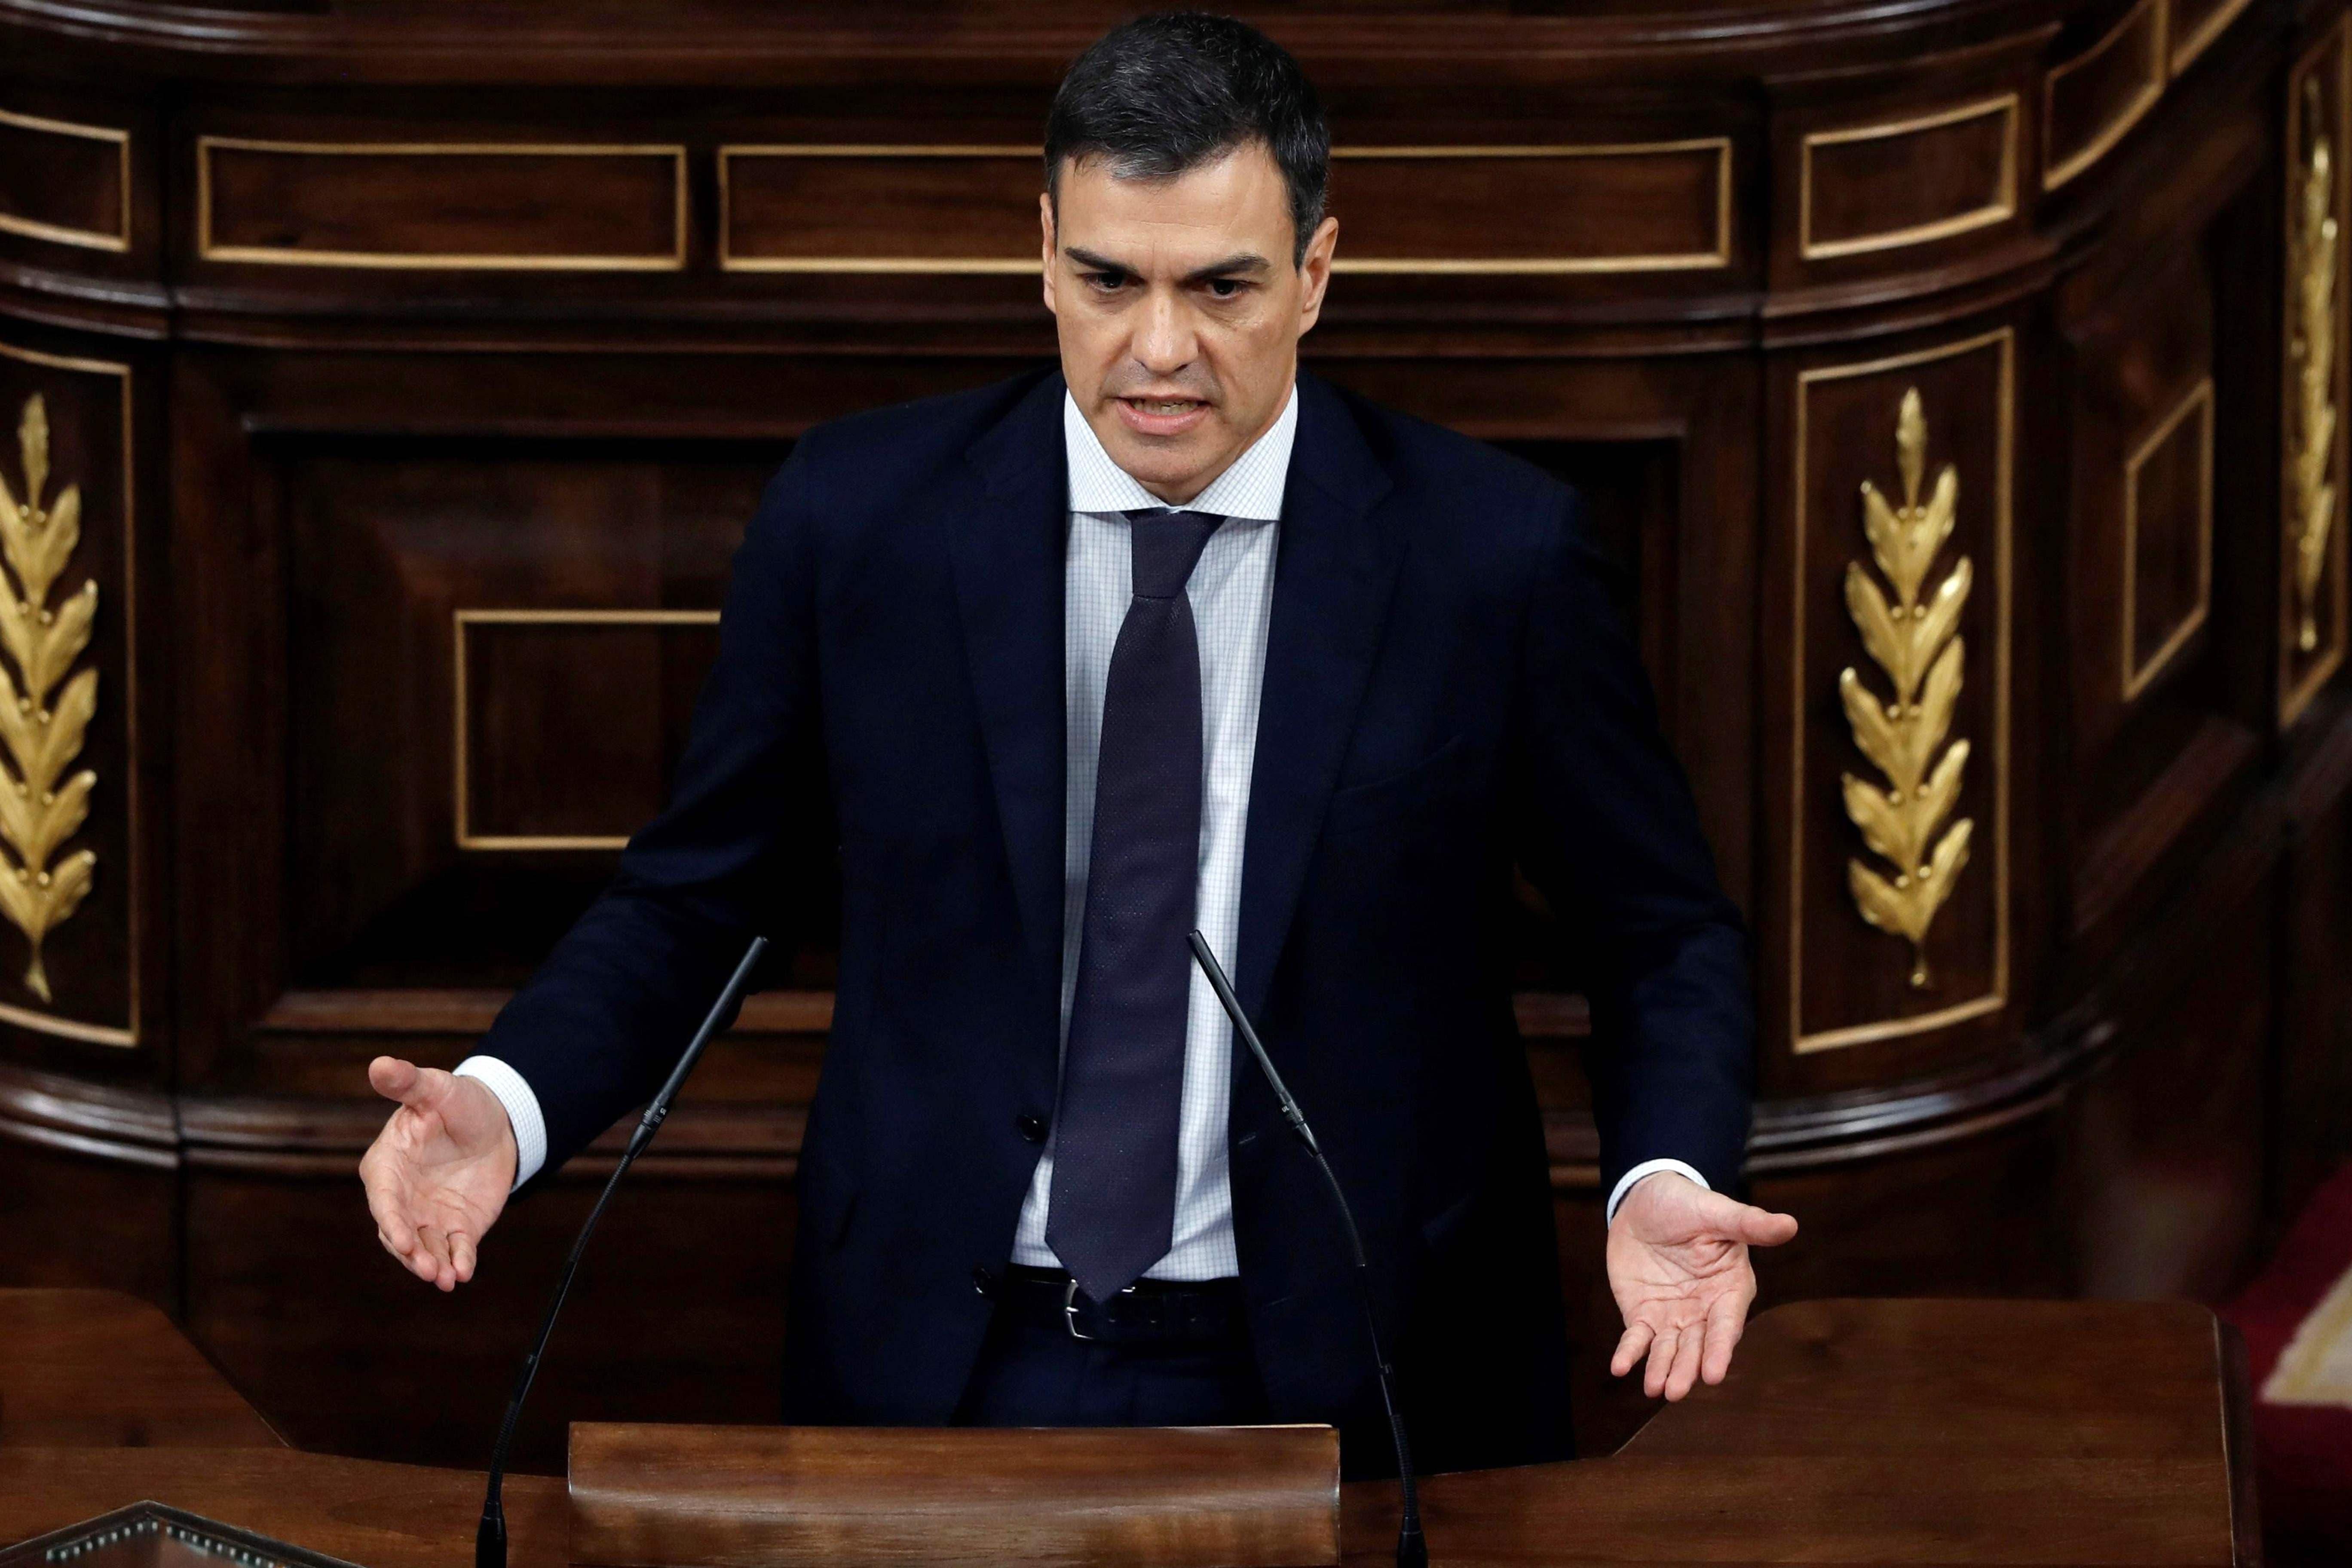 Líder del Partido Socialista Español PSOE Pedro Sánchez da un discurso durante un debate sobre una moción de censura en la Cámara Baja del Parlamento español en Madrid el 1 de junio de 2018. AFP